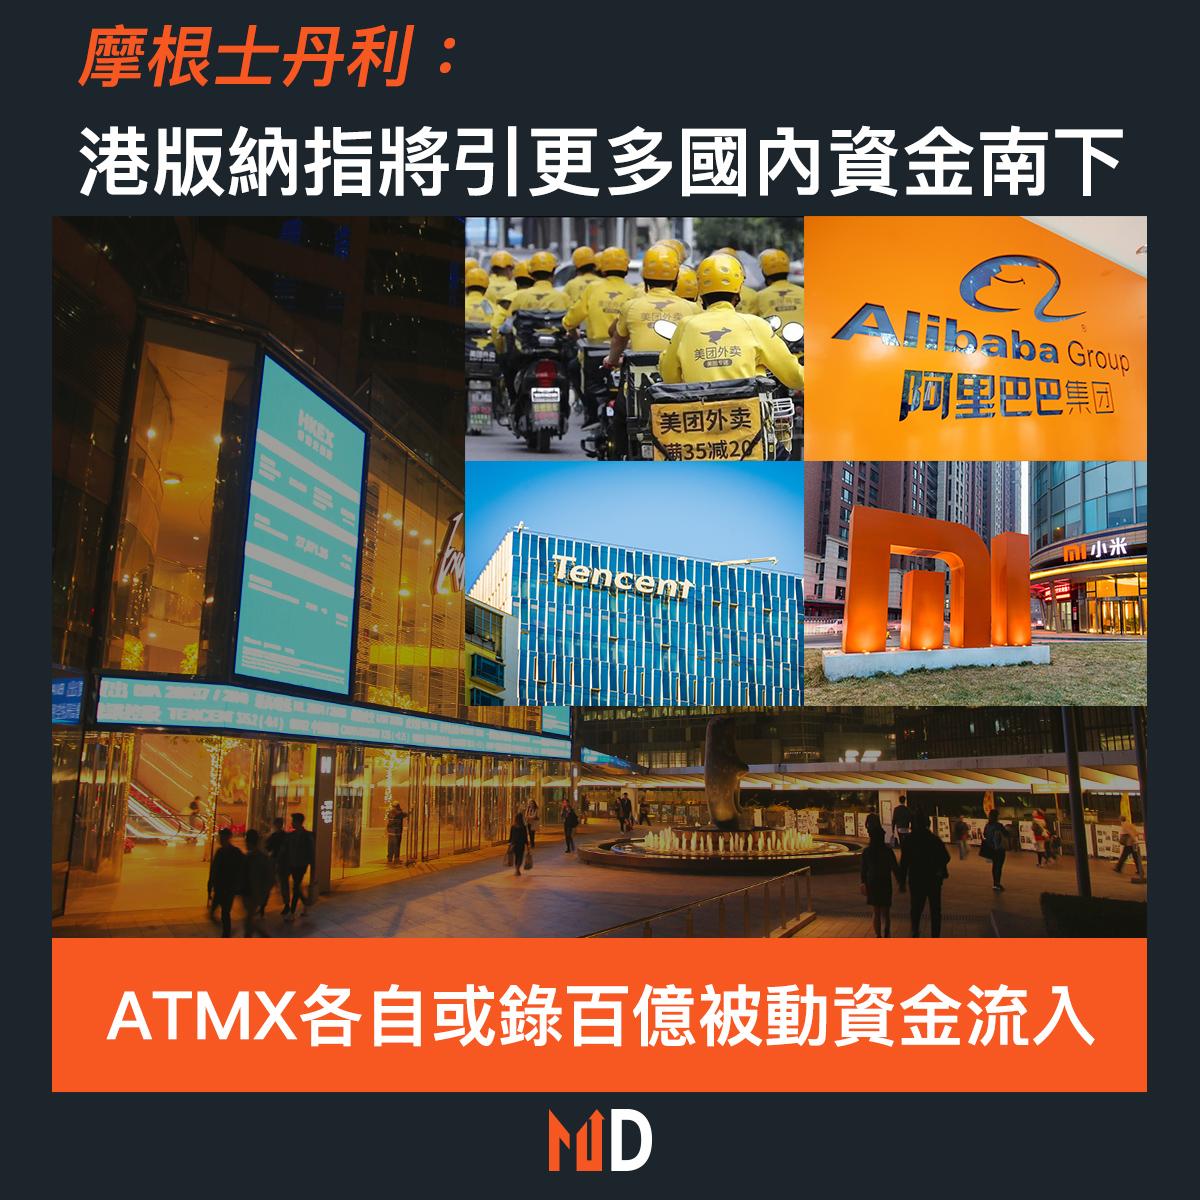 【市場熱話】大摩:港版納指將引更多國內資金南下,ATMX各自或錄百億被動資金流入